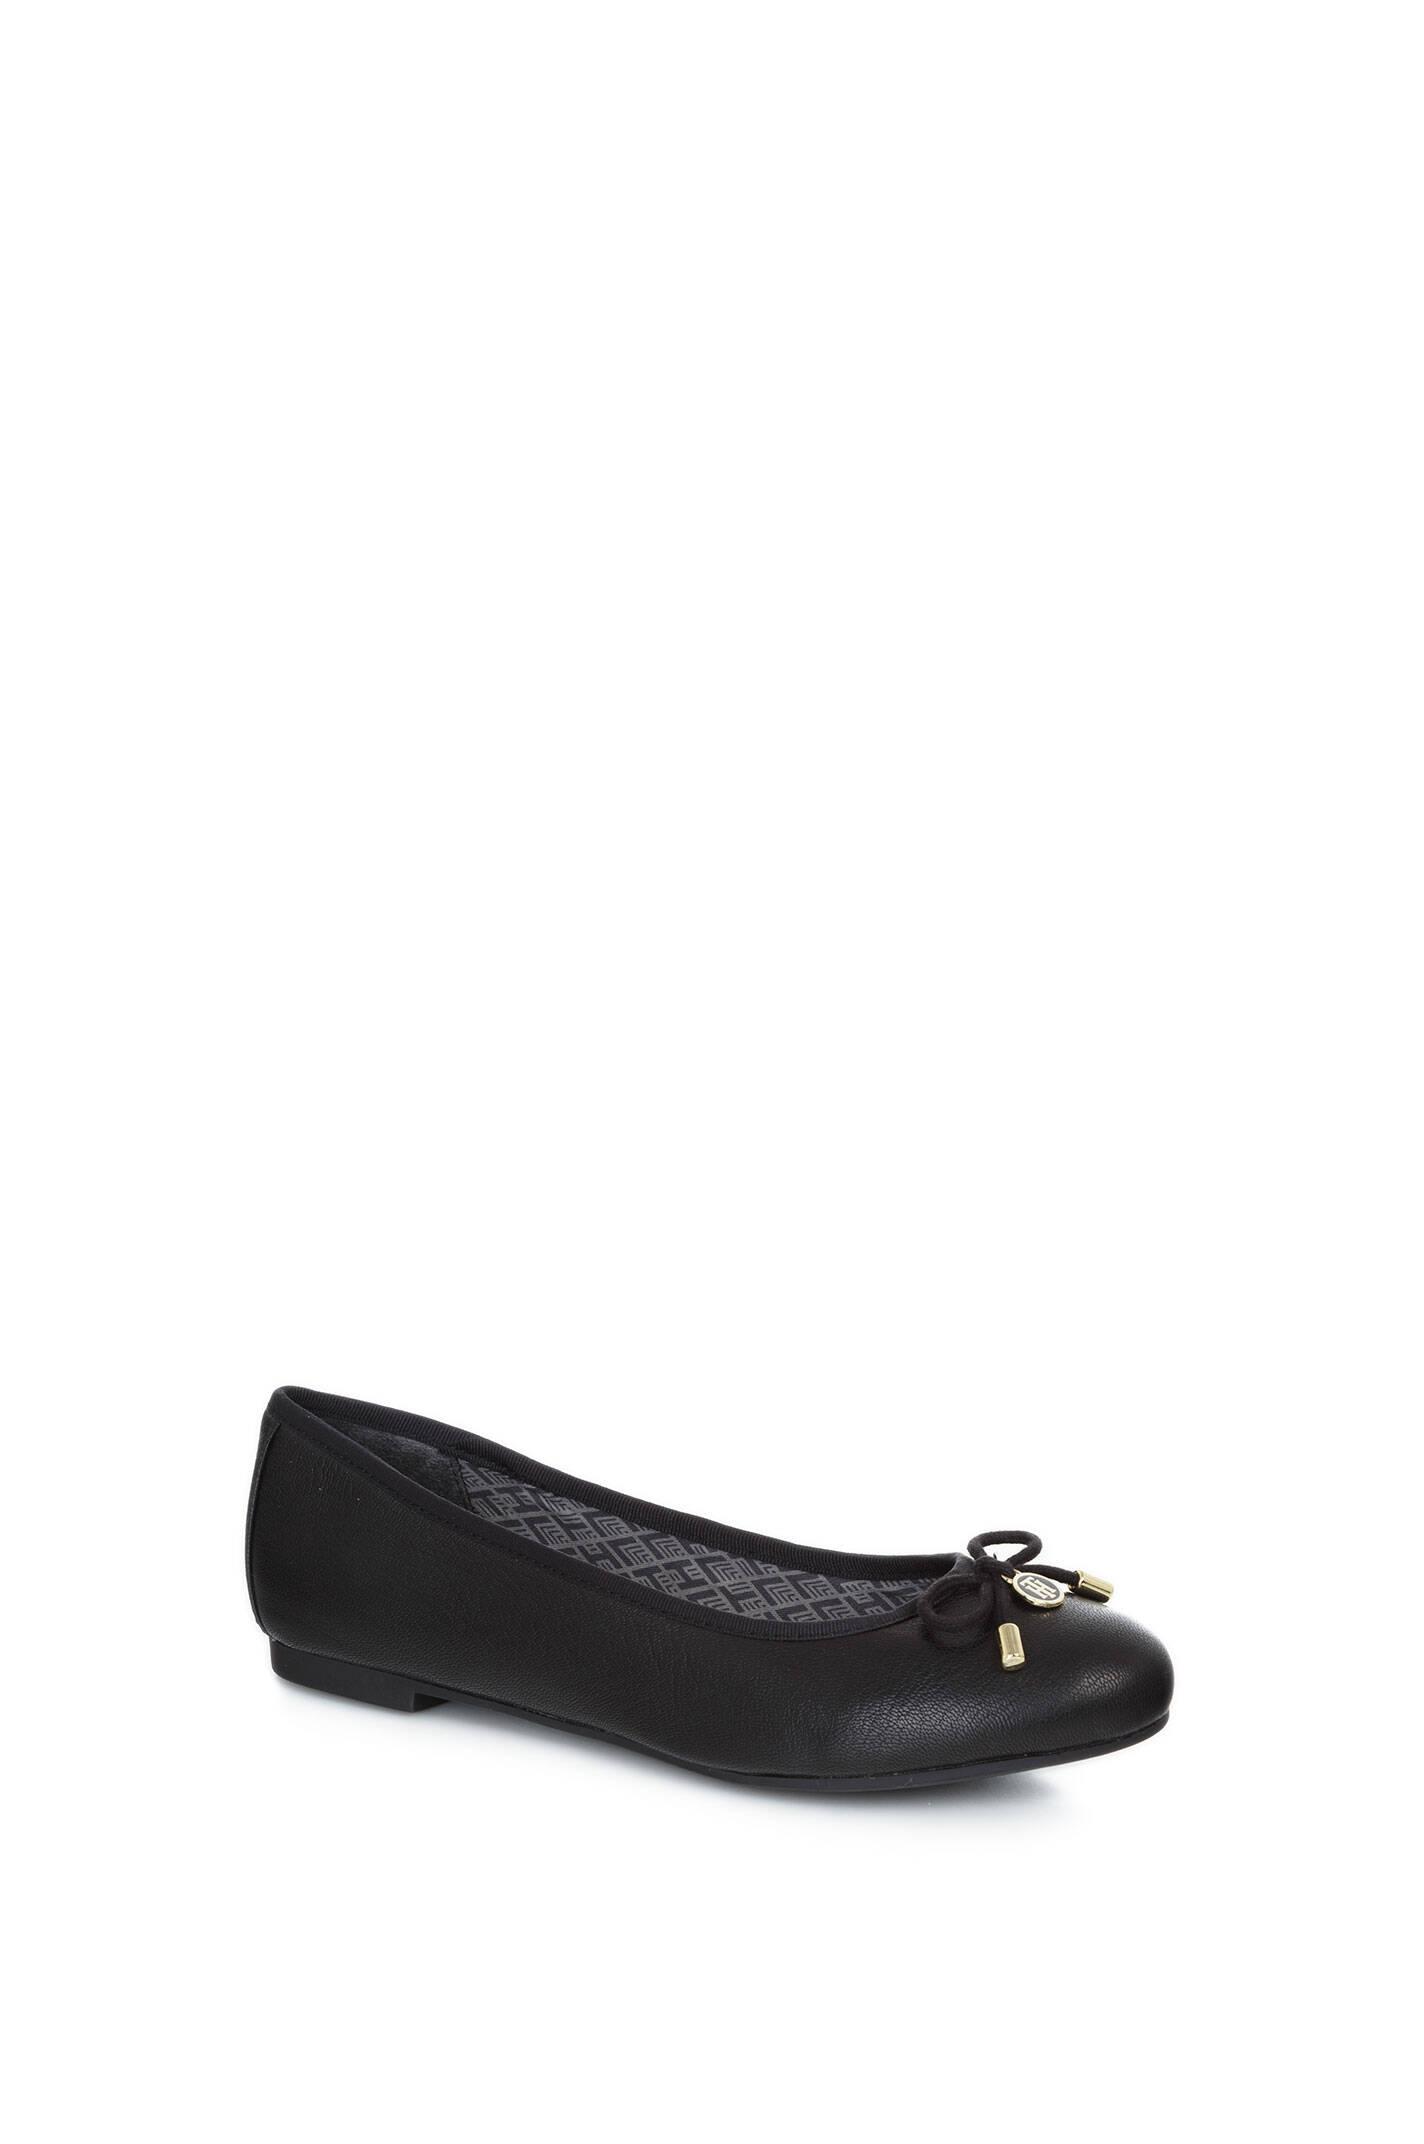 amy 54a ballerinas tommy hilfiger black shoes. Black Bedroom Furniture Sets. Home Design Ideas